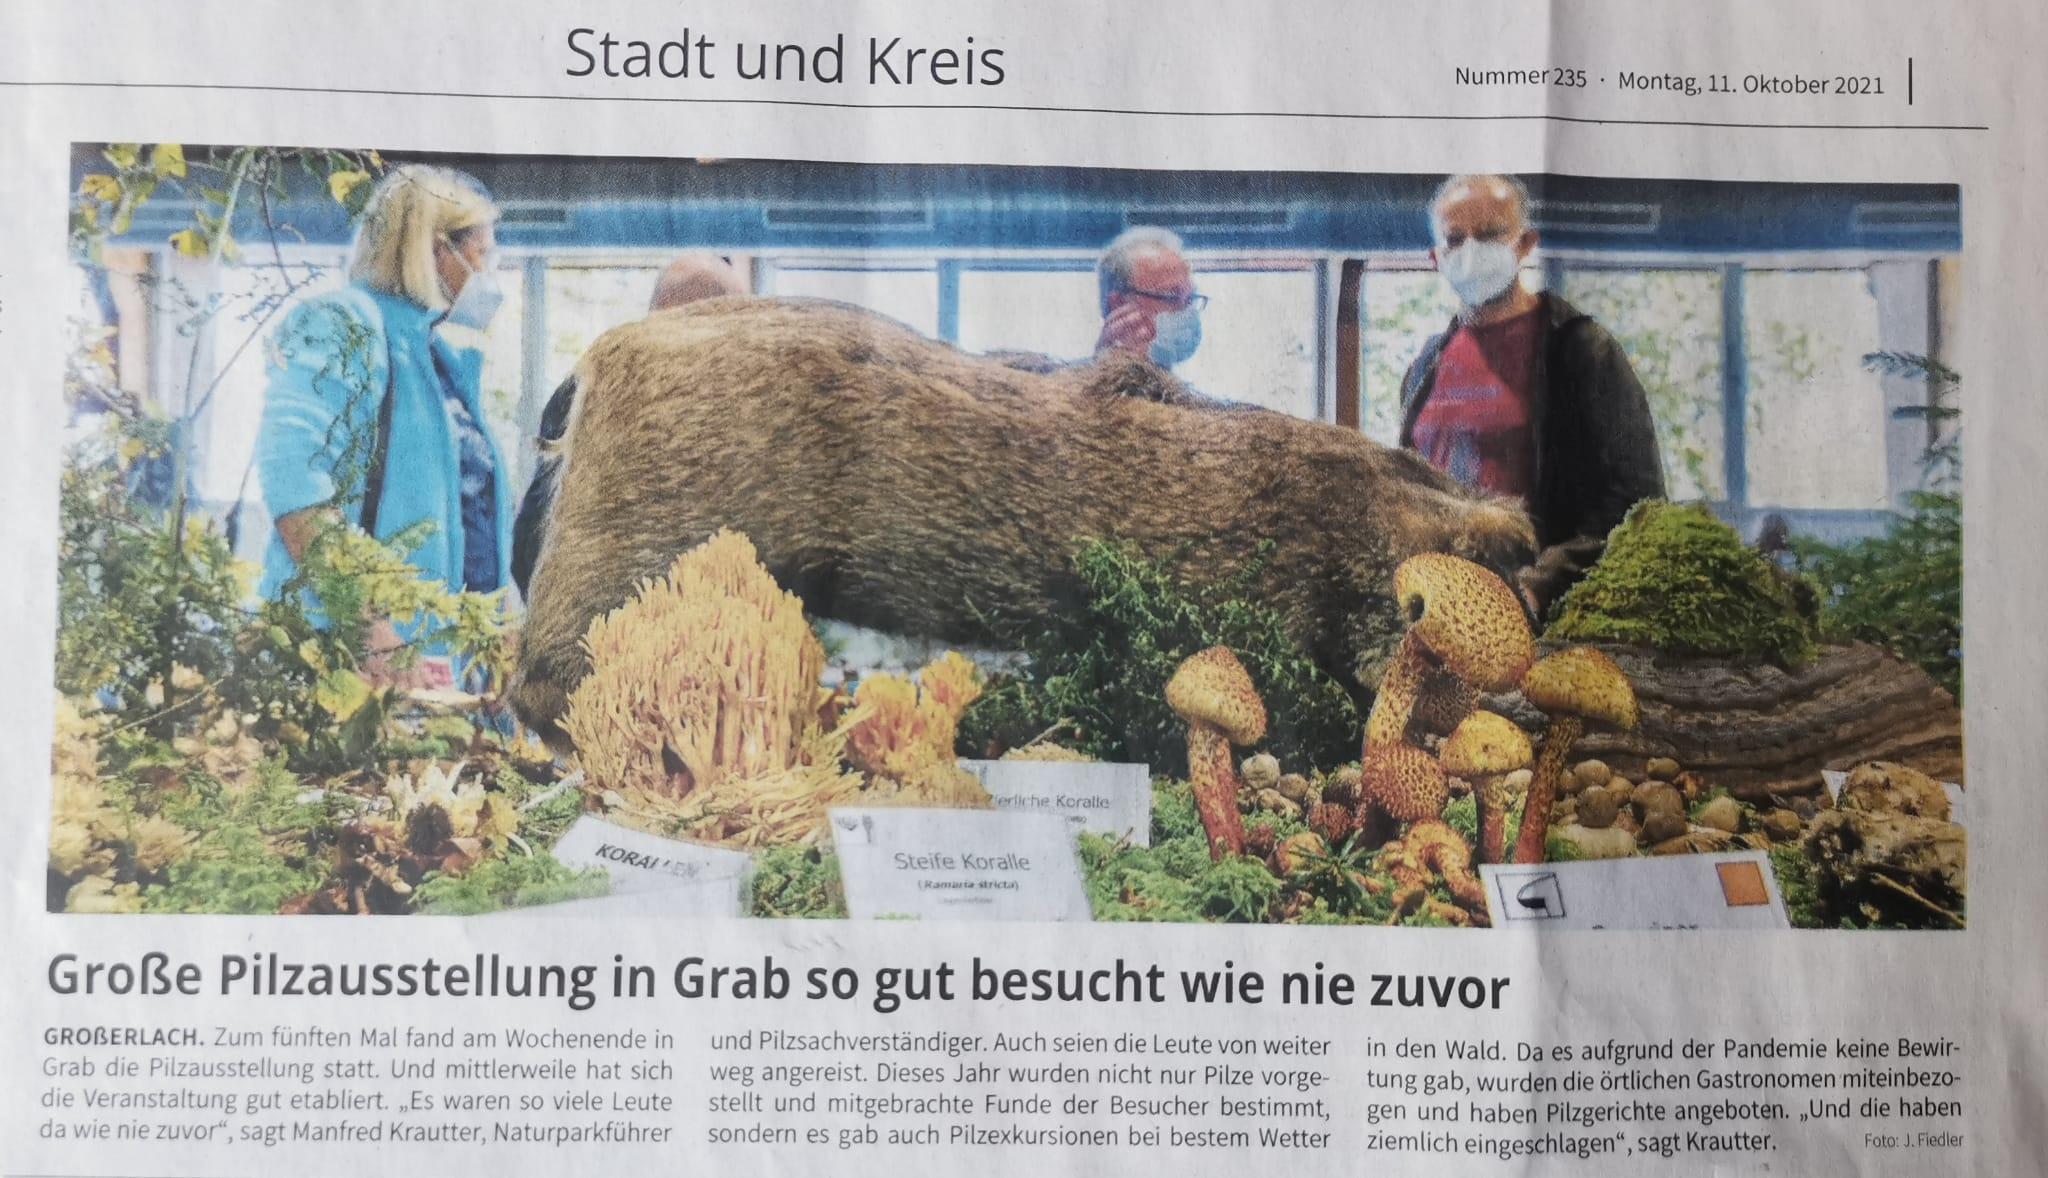 5. Pilzausstellung Grab - Naturparkführer Schwäbisch-Fränkischer Wald e.V.